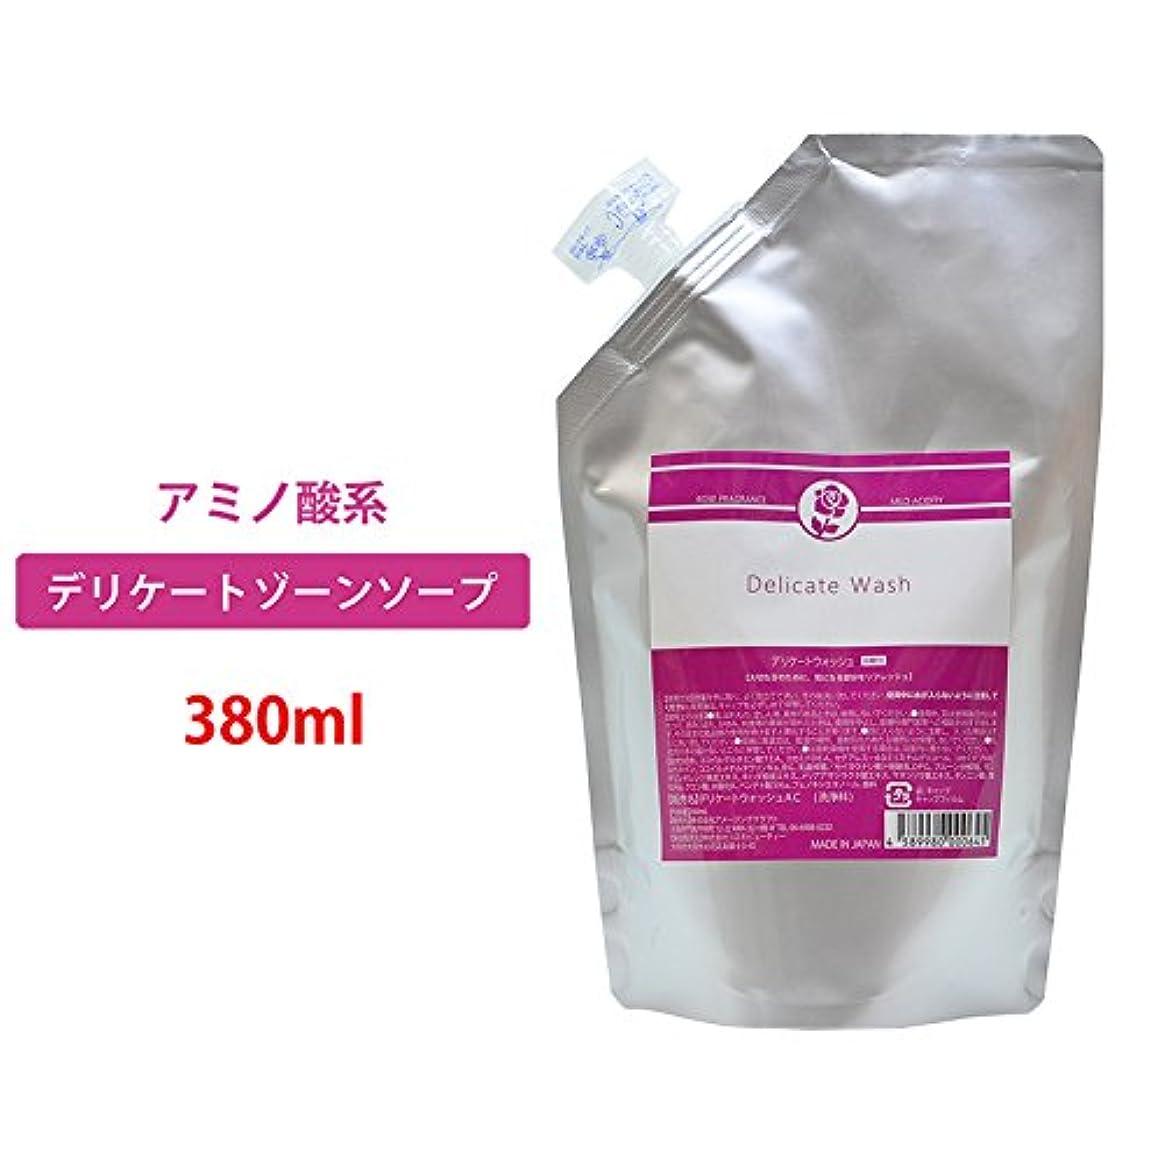 優遇ボード不利益デリケートウォッシュ 日本製デリケートゾーンソープ たっぷり380ml フェミニン ウォッシュ